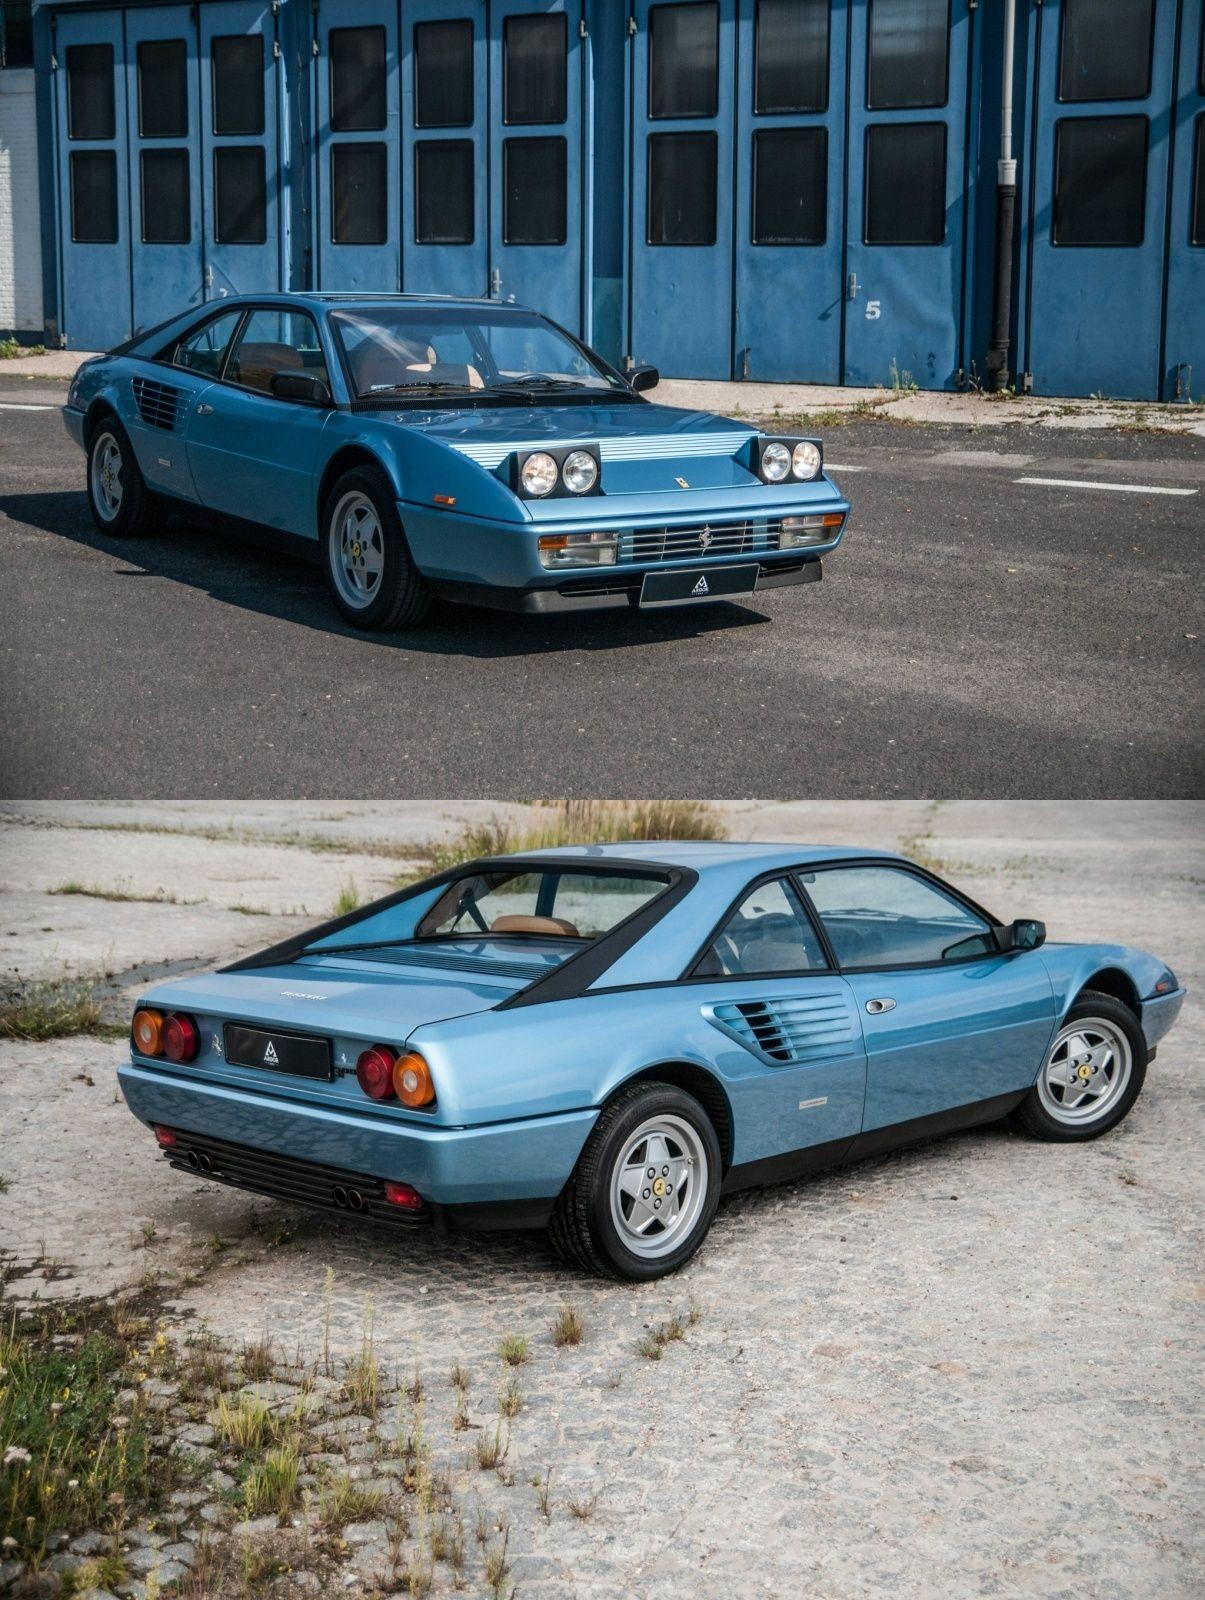 a1da2d39416b888d602945054e3ab9bb Gorgeous Ferrari Mondial 3.2 Cabriolet V8 Quattrovalvole Cars Trend